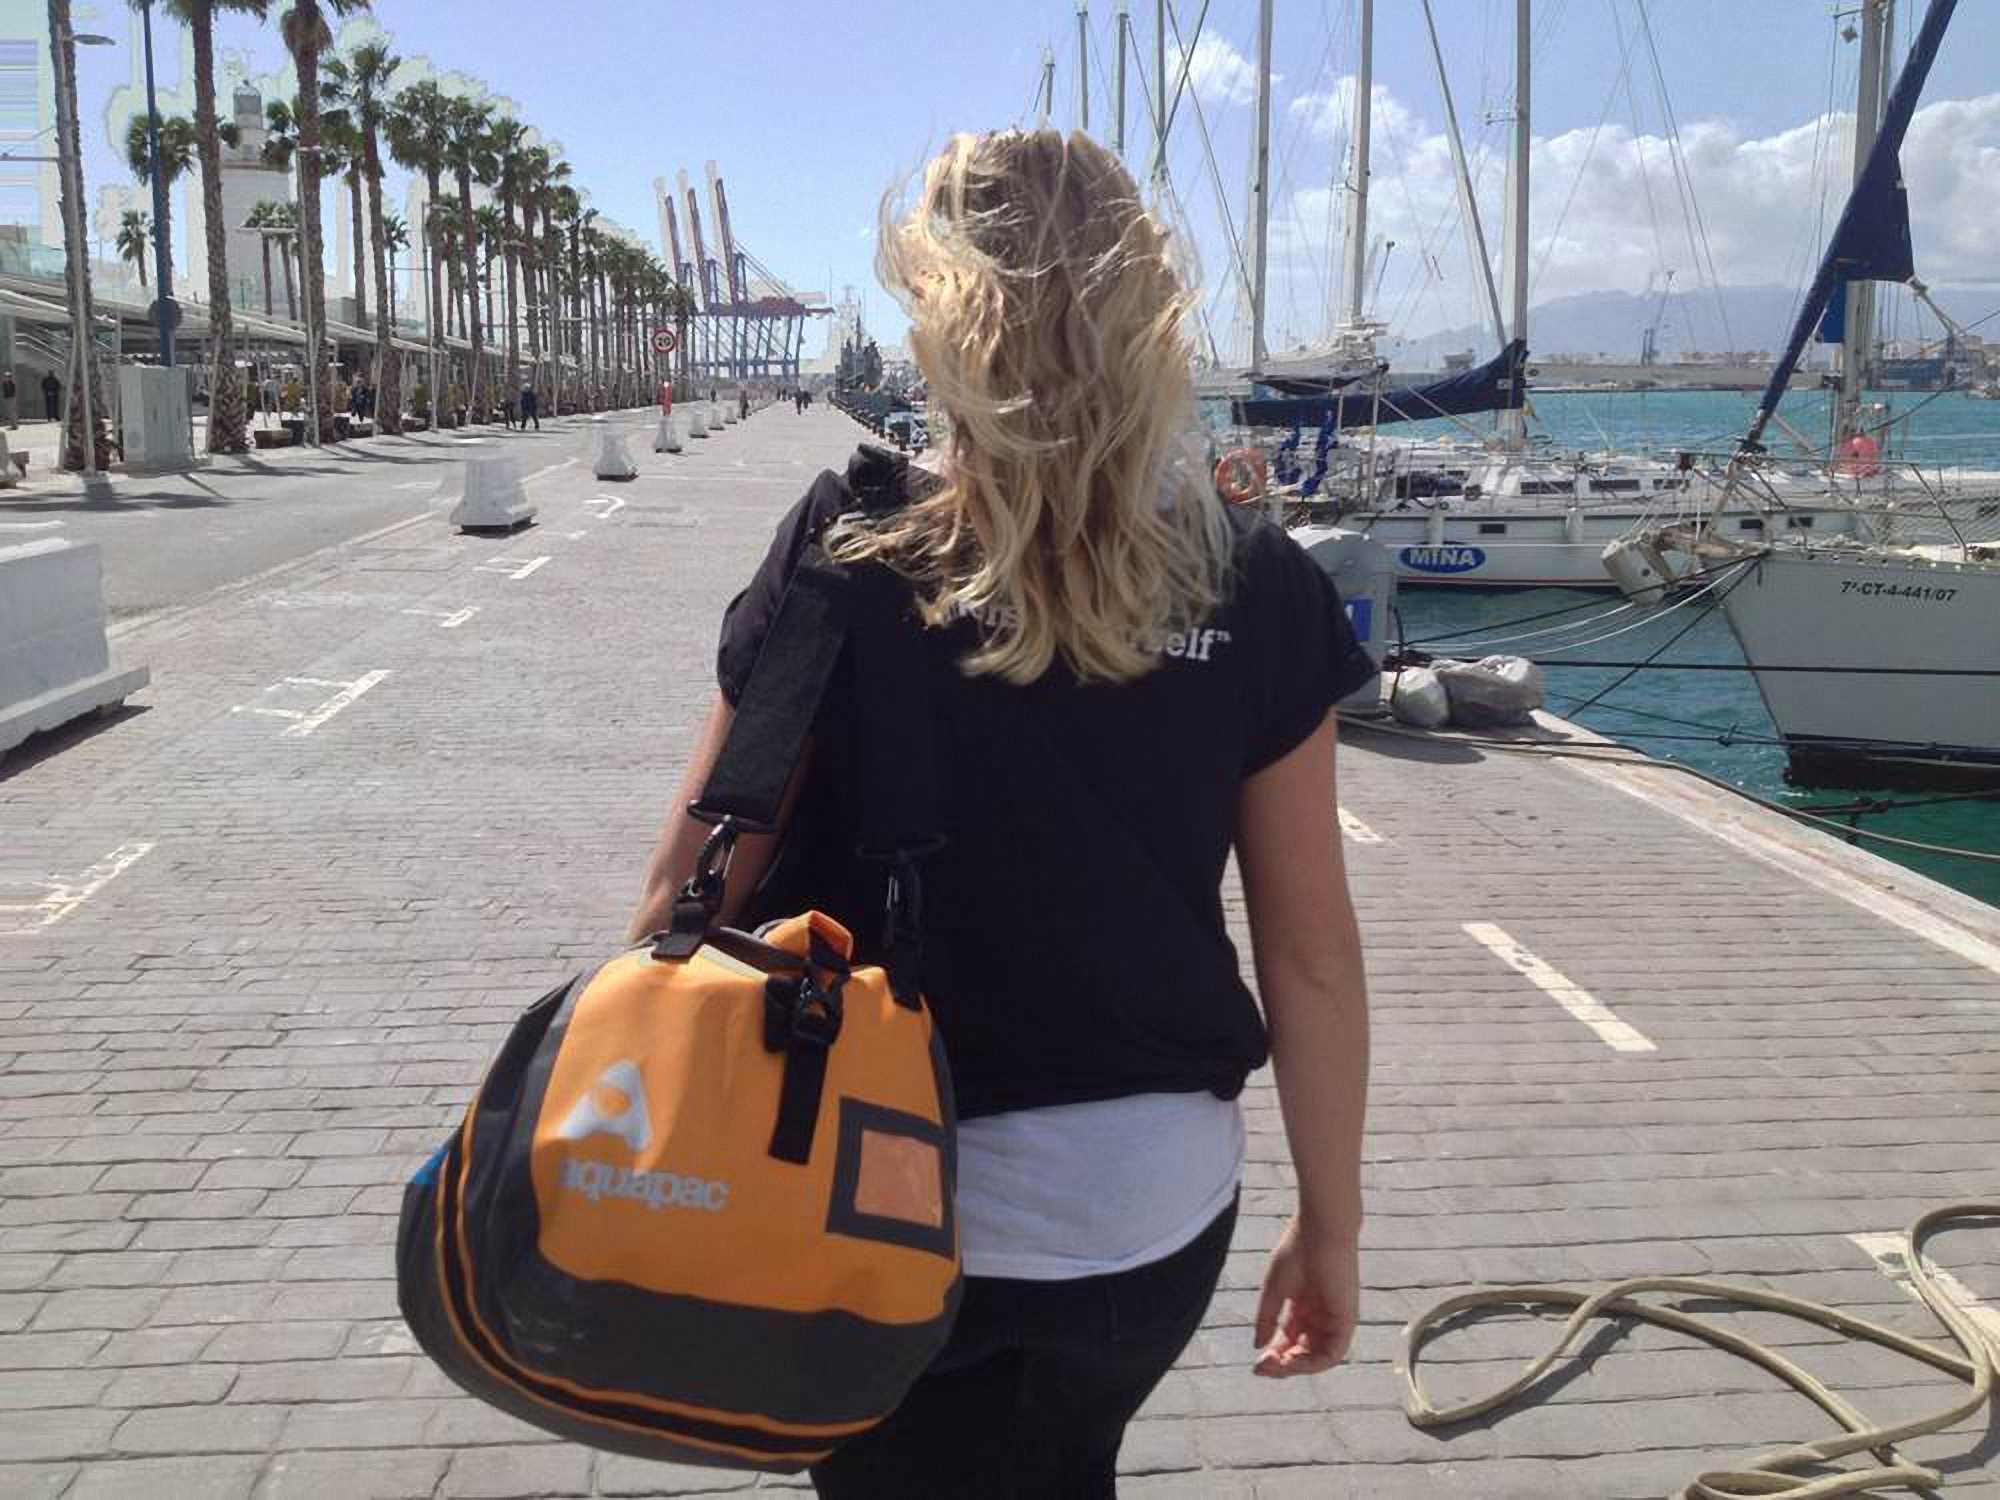 Водонепроницаемая сумка-рюкзак Aquapac 705 - Upano Waterproof Duffel - 90L.. Aquapac - №1 в мире водонепроницаемых чехлов и сумок. Фото 12